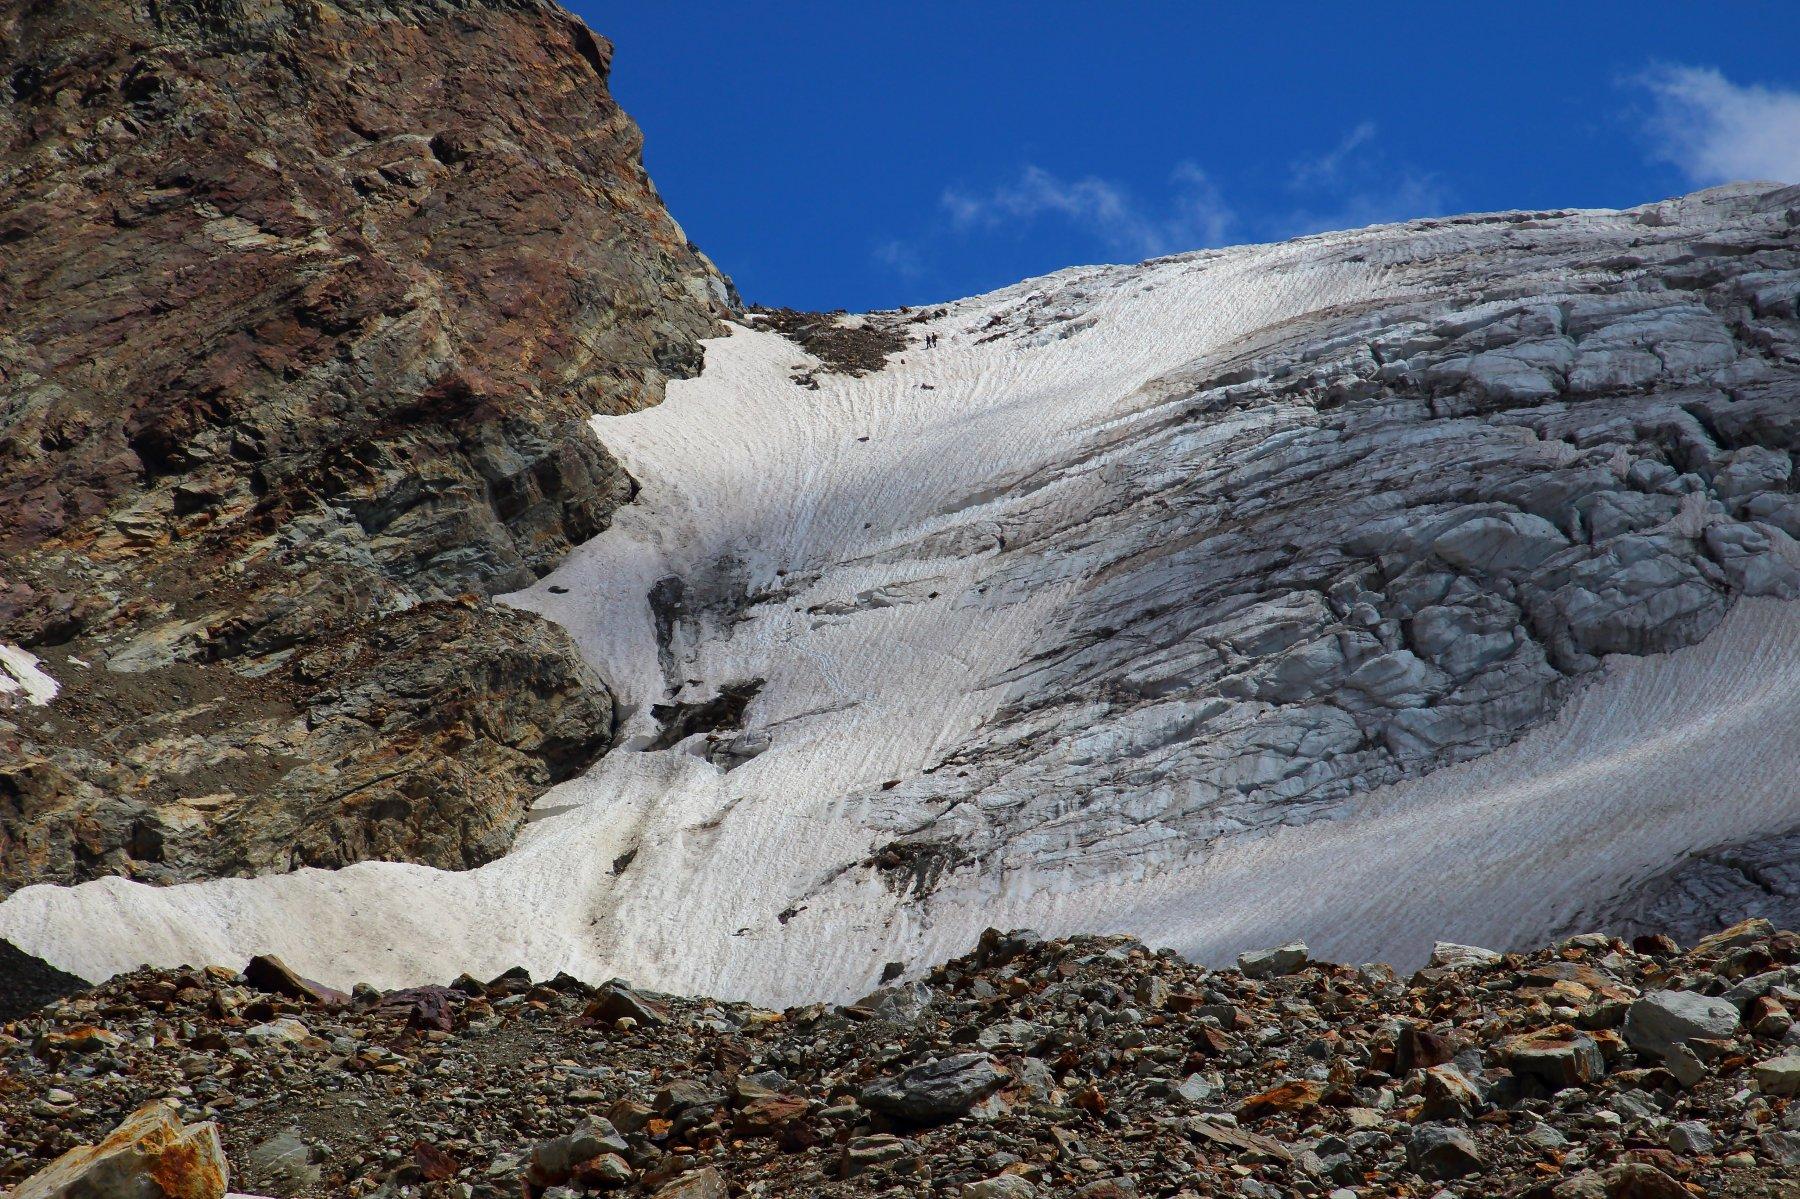 Il poco attraente accesso al ghiacciaio (foto Luca P.)